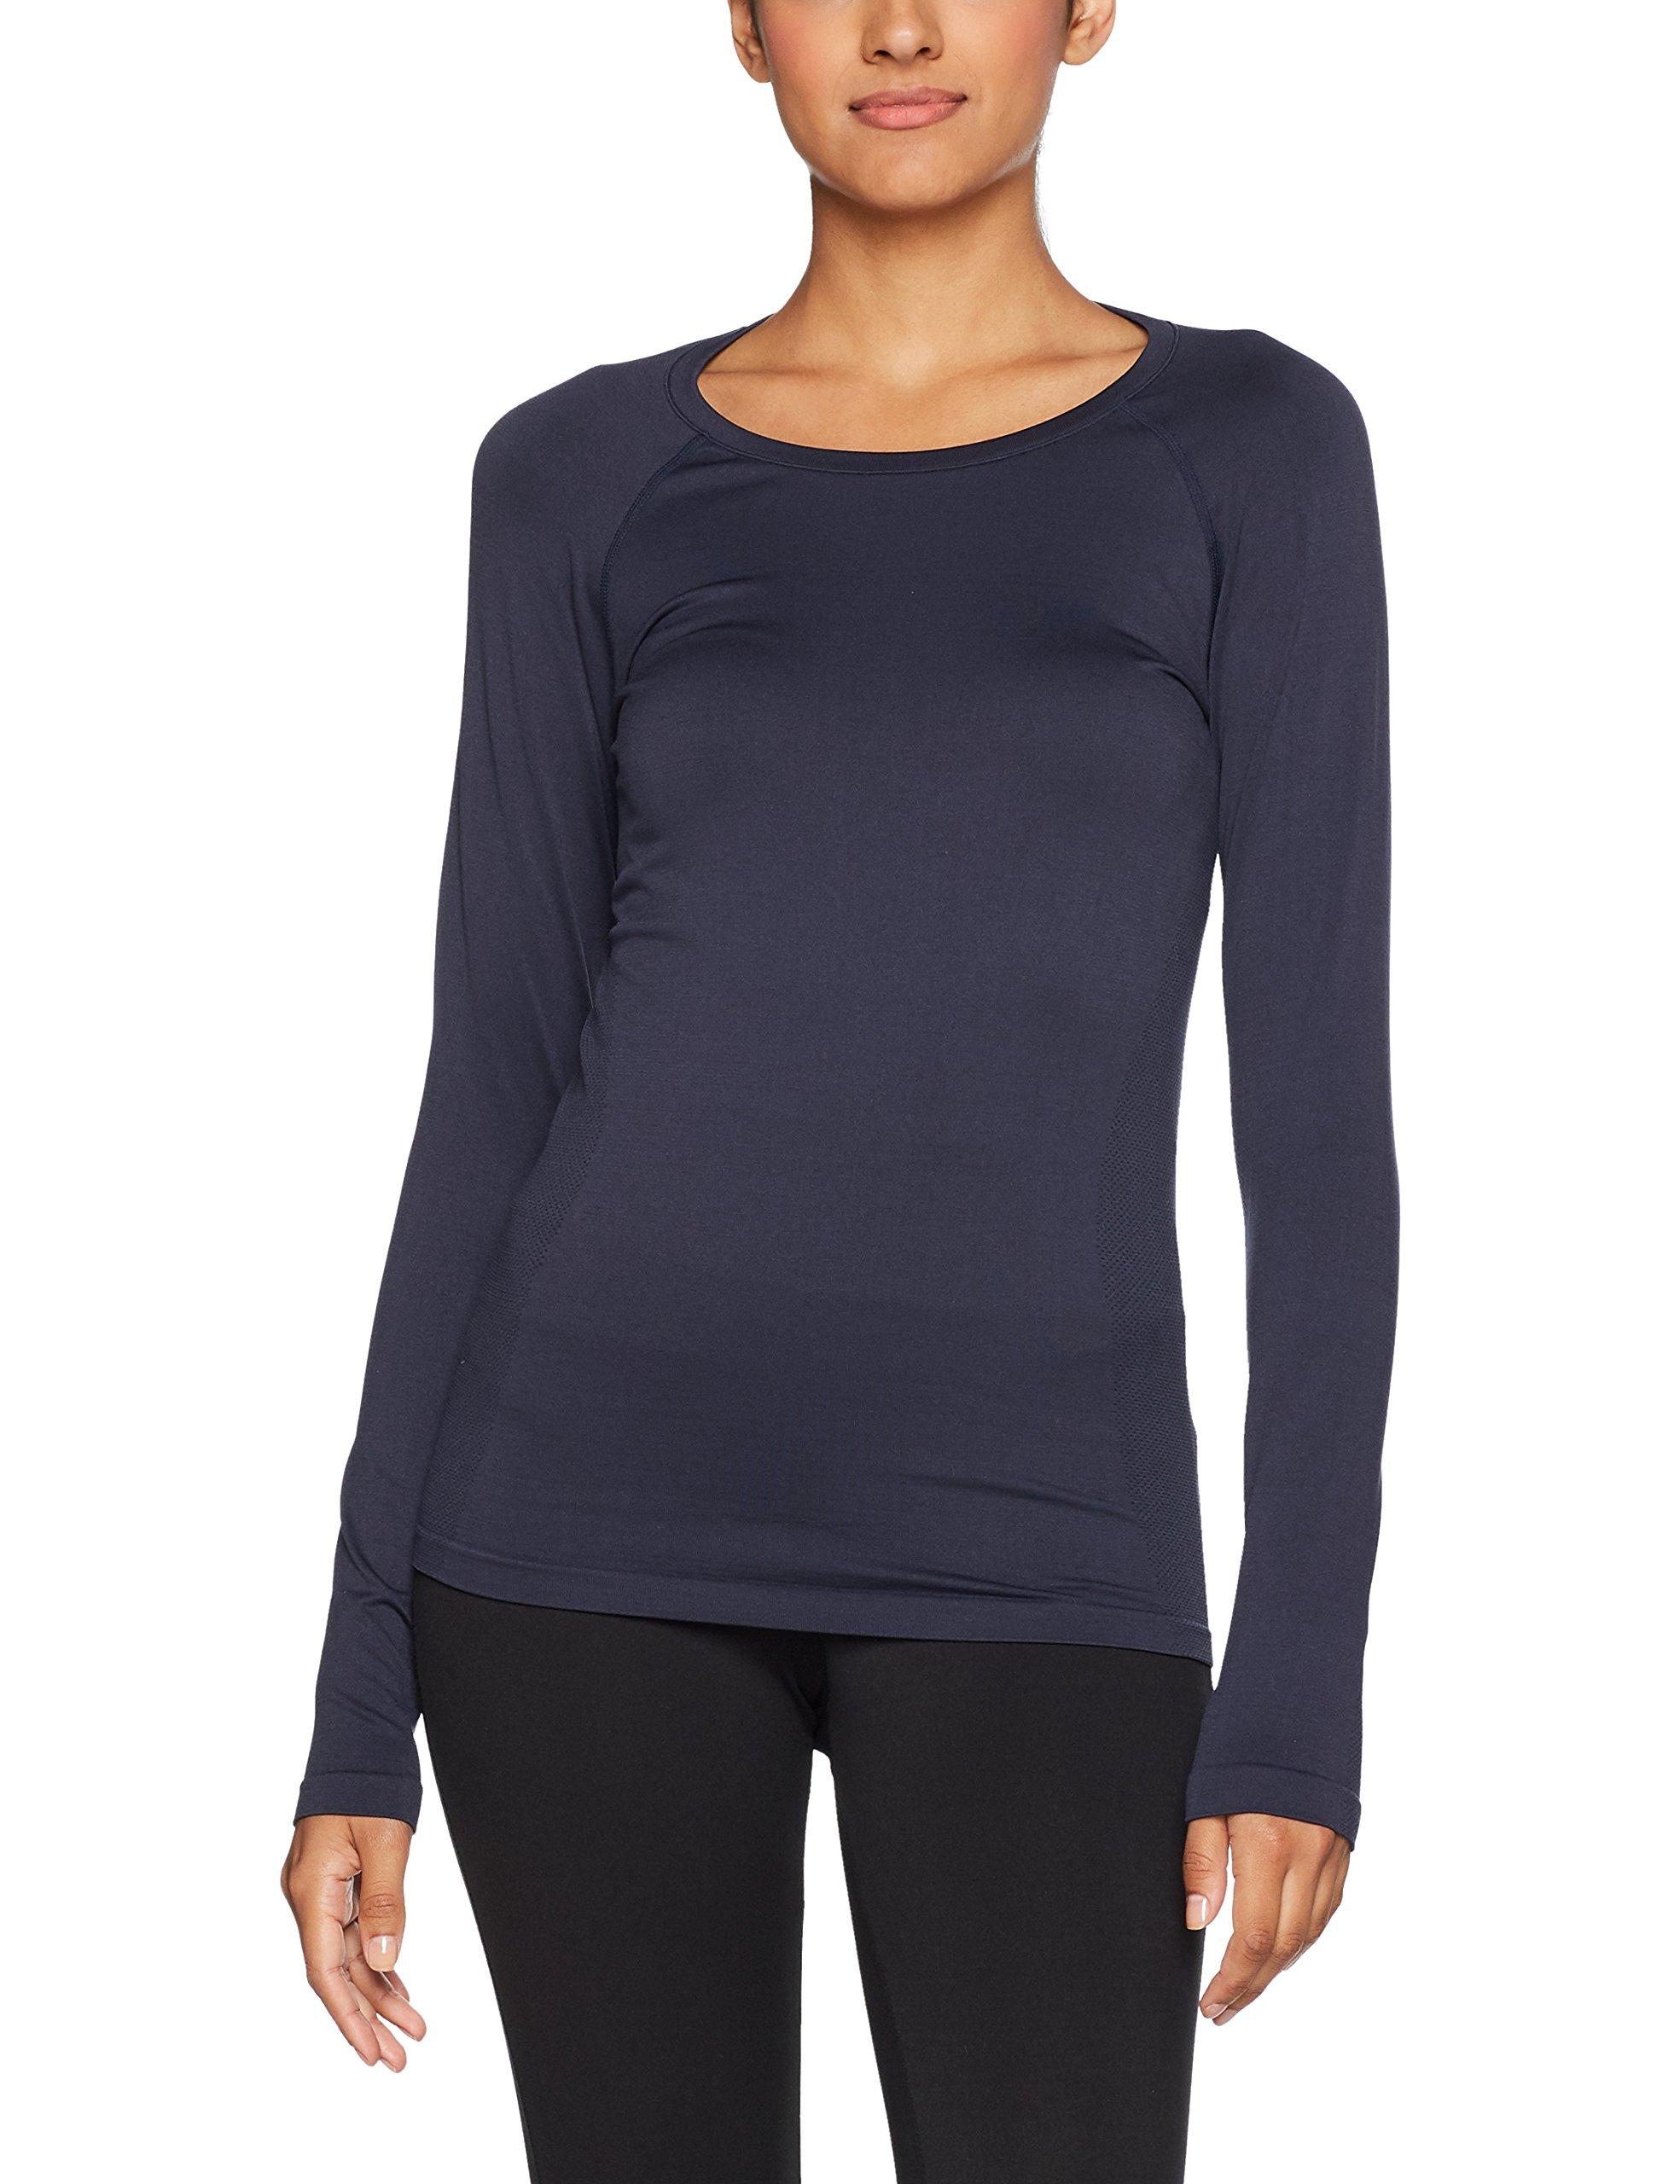 Langarm Sk8y6 SweatBleudark Skiny Shirt Saphire 739042 Femme WDH2E9I